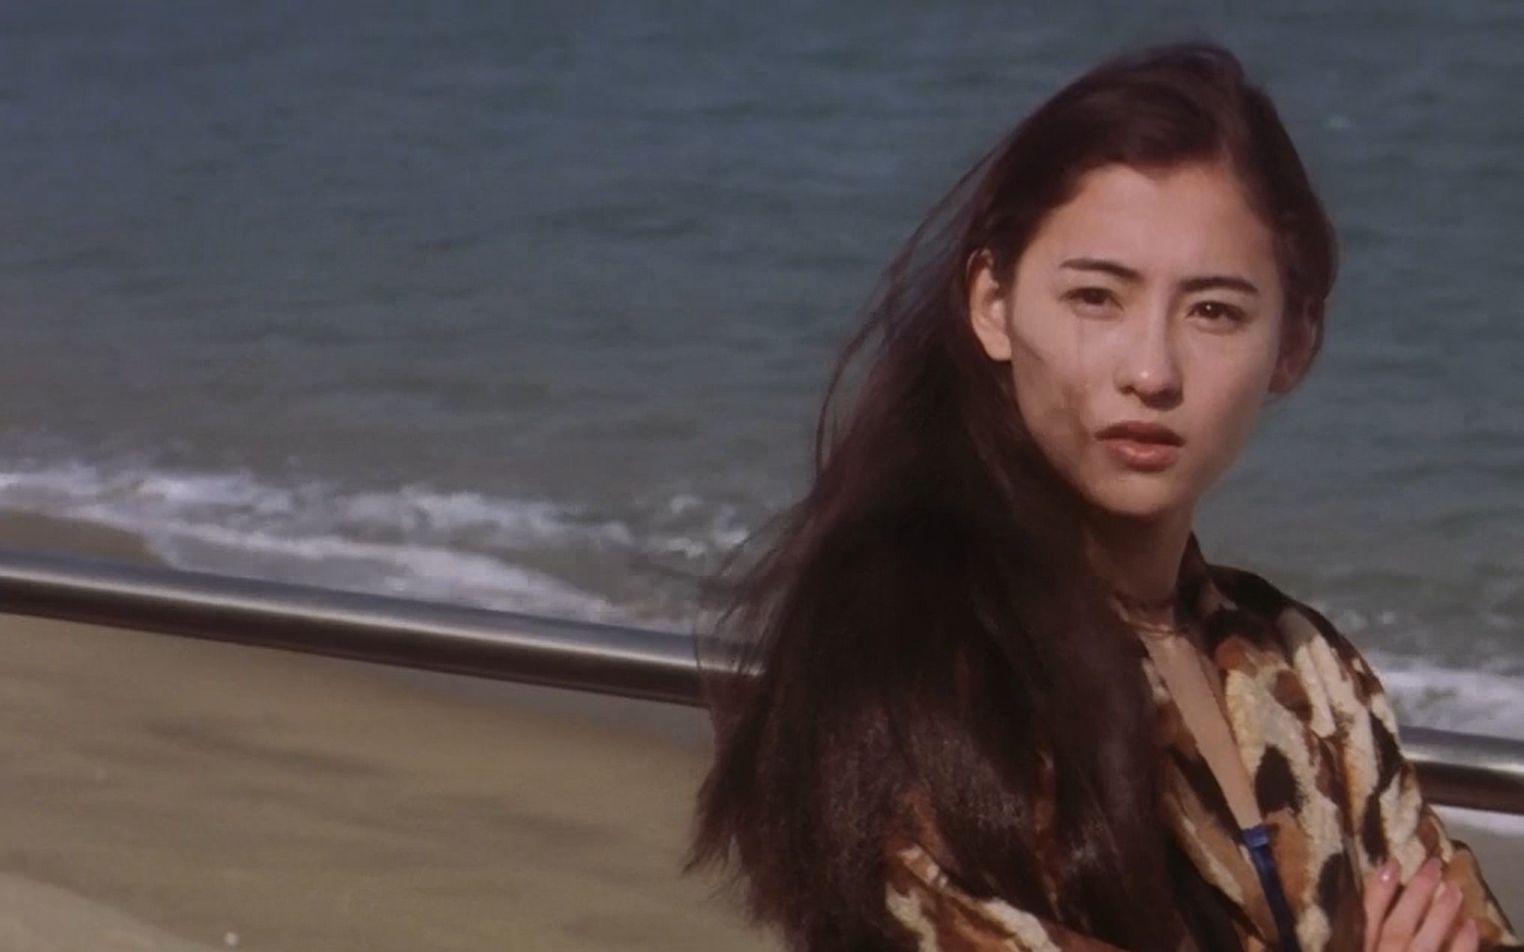 張栢芝在《喜劇之王》角色叫「柳飄飄」,一幕她問周星馳:「我唔做你養我呀?」成為經常對白。